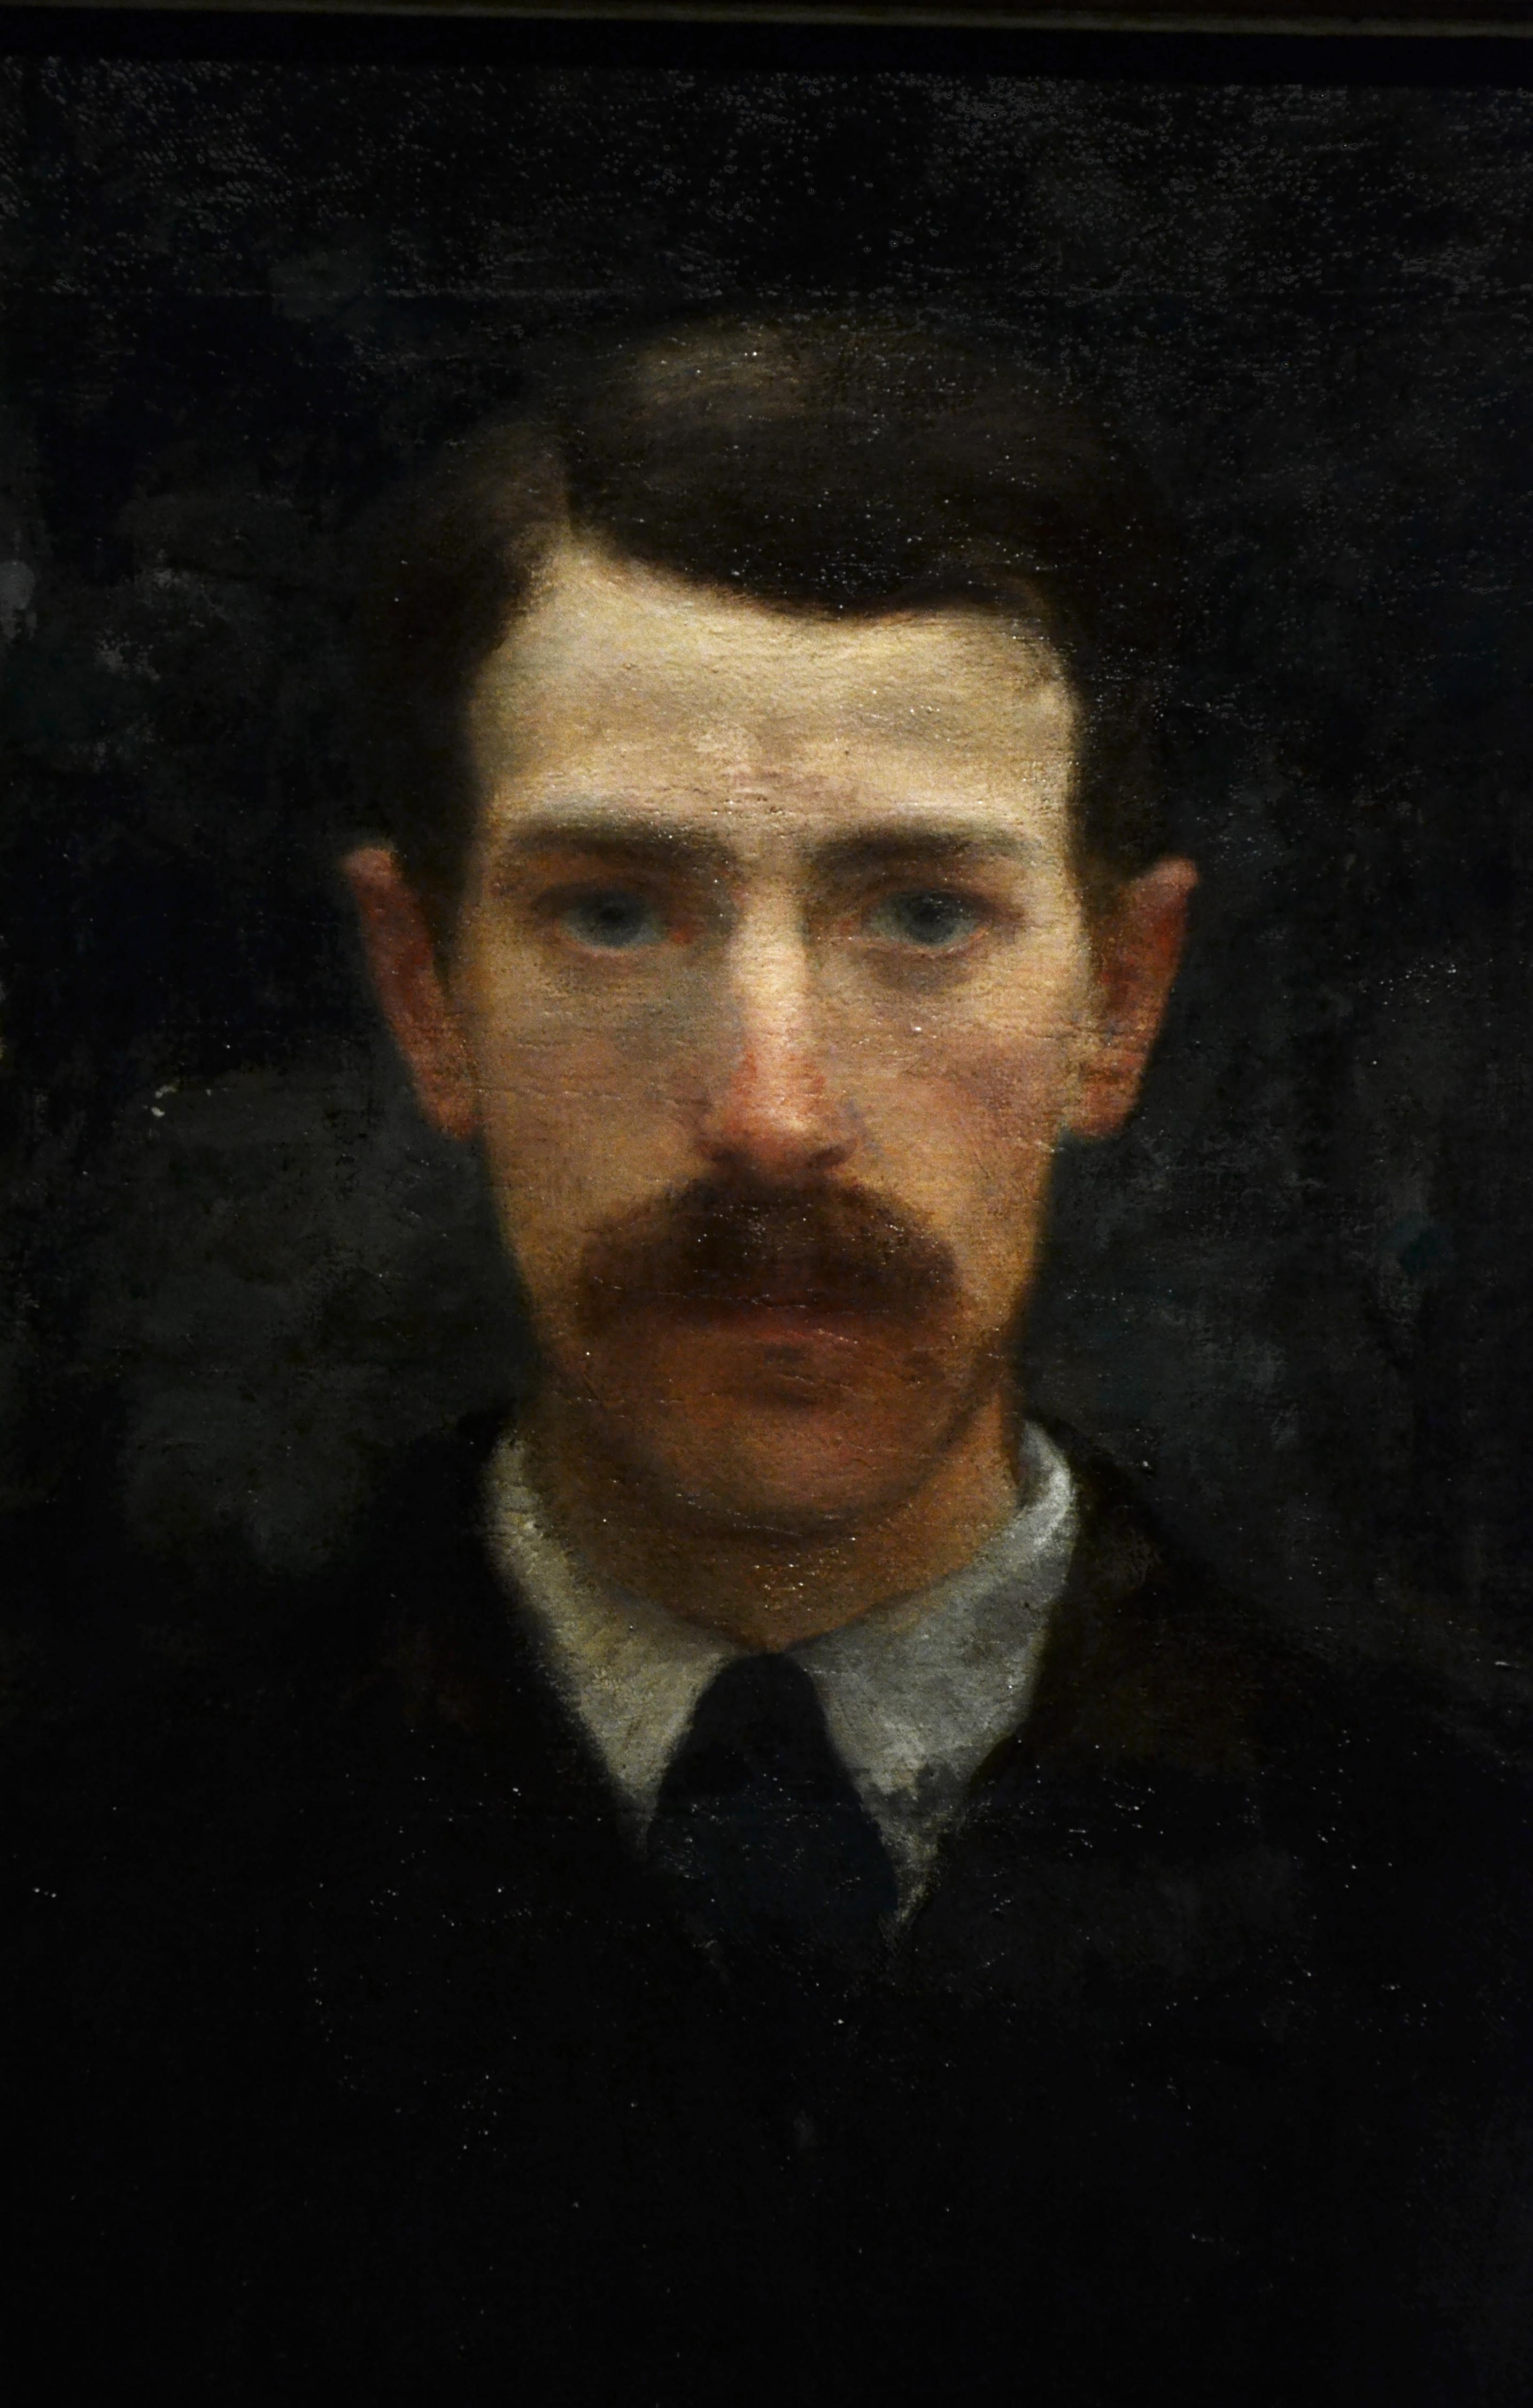 FERENCZY Károly, Self-Portrait, Magyar Nemzeti Galéria Budapest